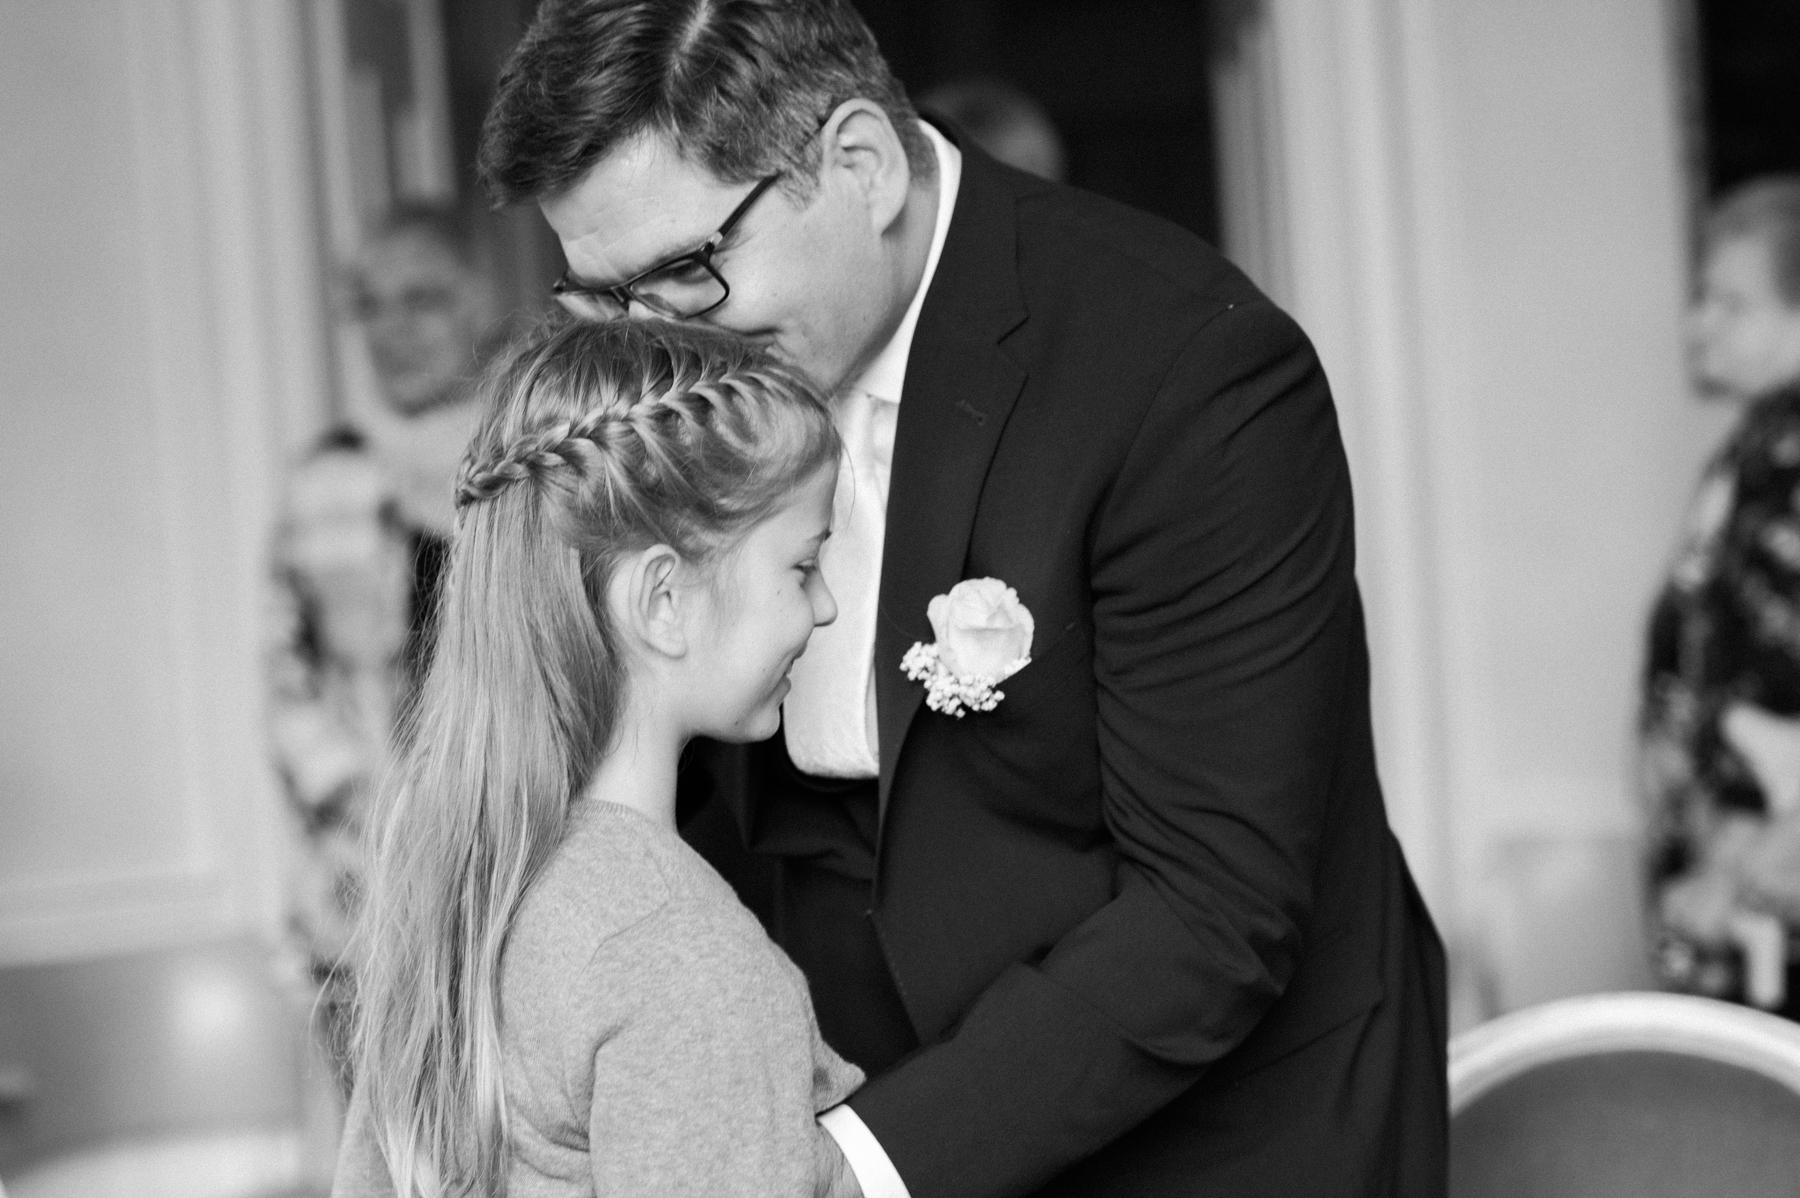 Bluhm-Hochzeitsfotograf-HochzeitamMeer-25.jpg